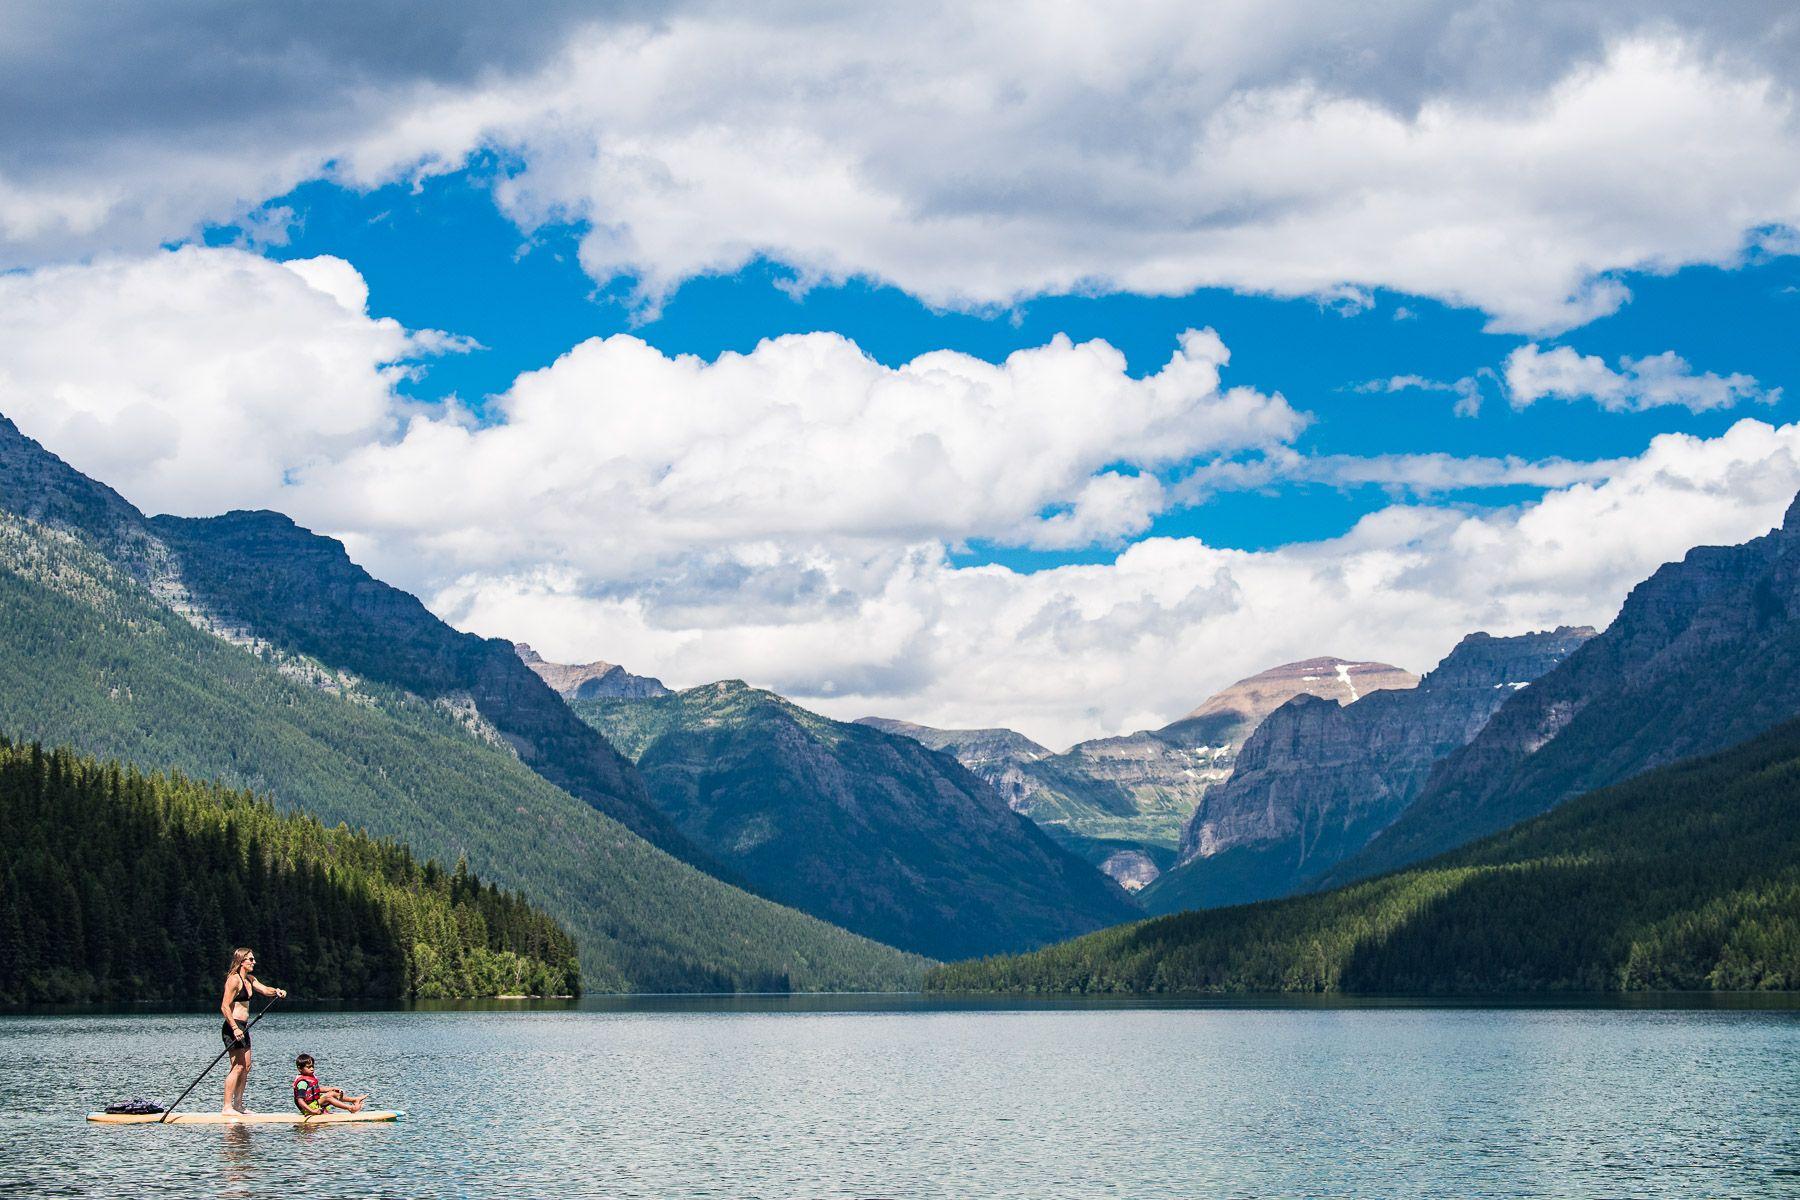 Paddle boarding in Glacier National Park